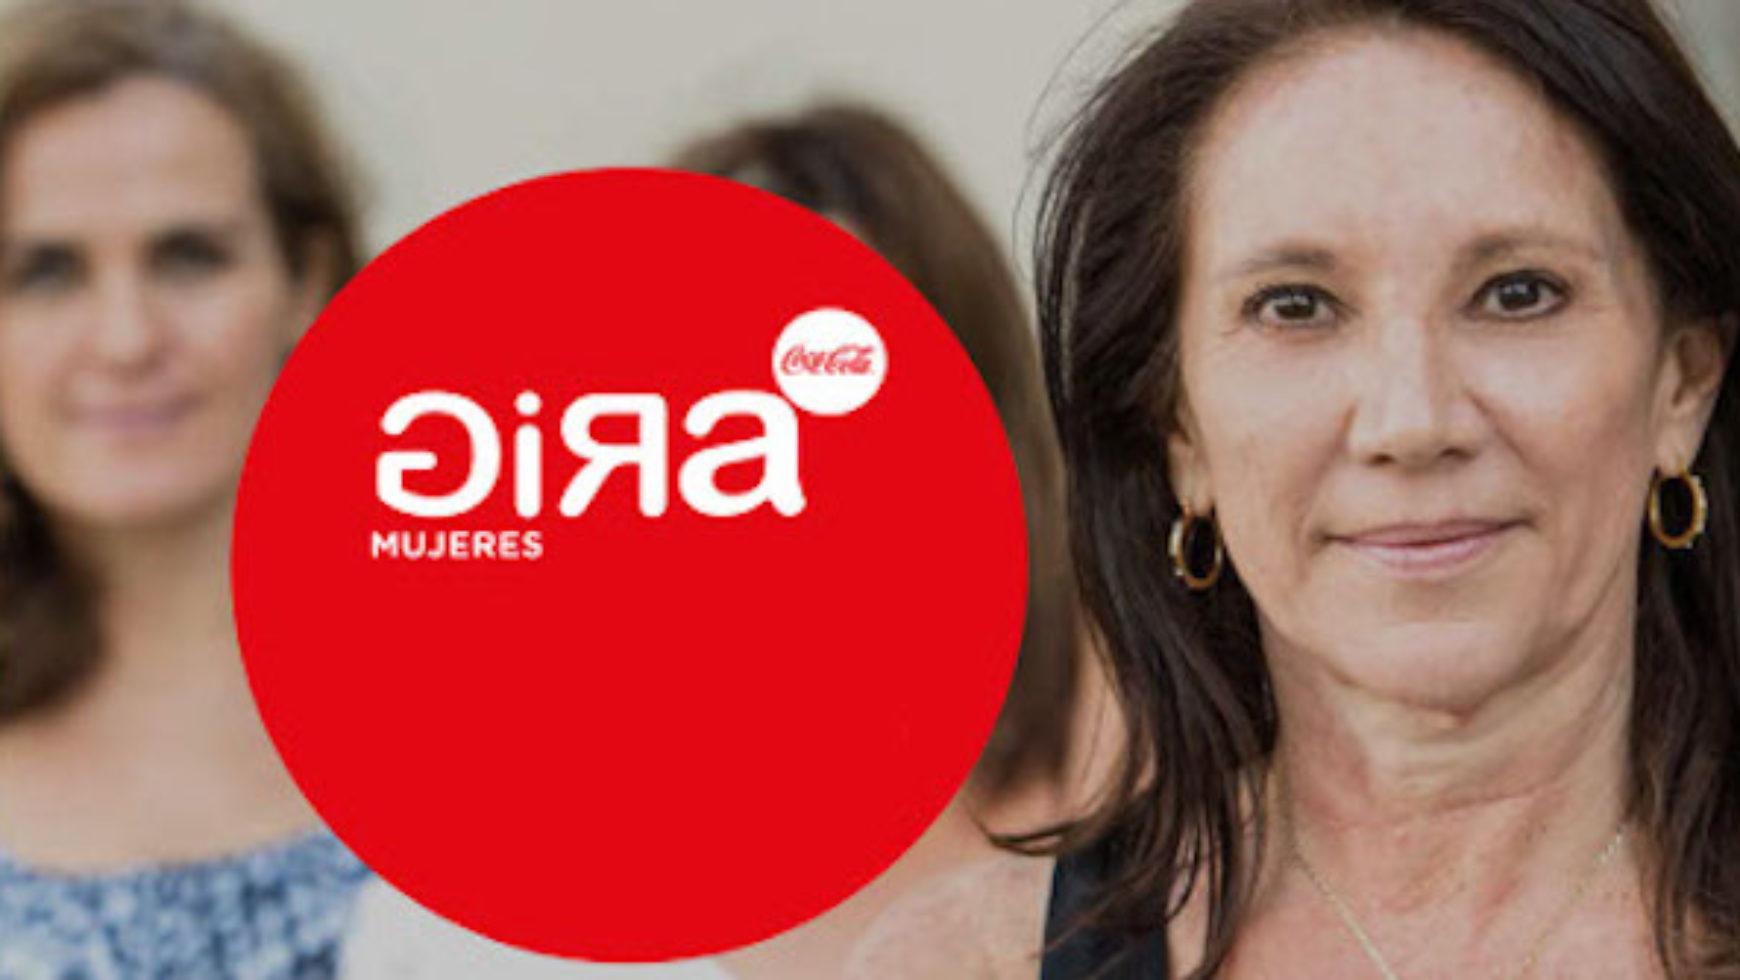 2ª Edición de Gira de Mujeres: taller sobre emprendimiento femenino.